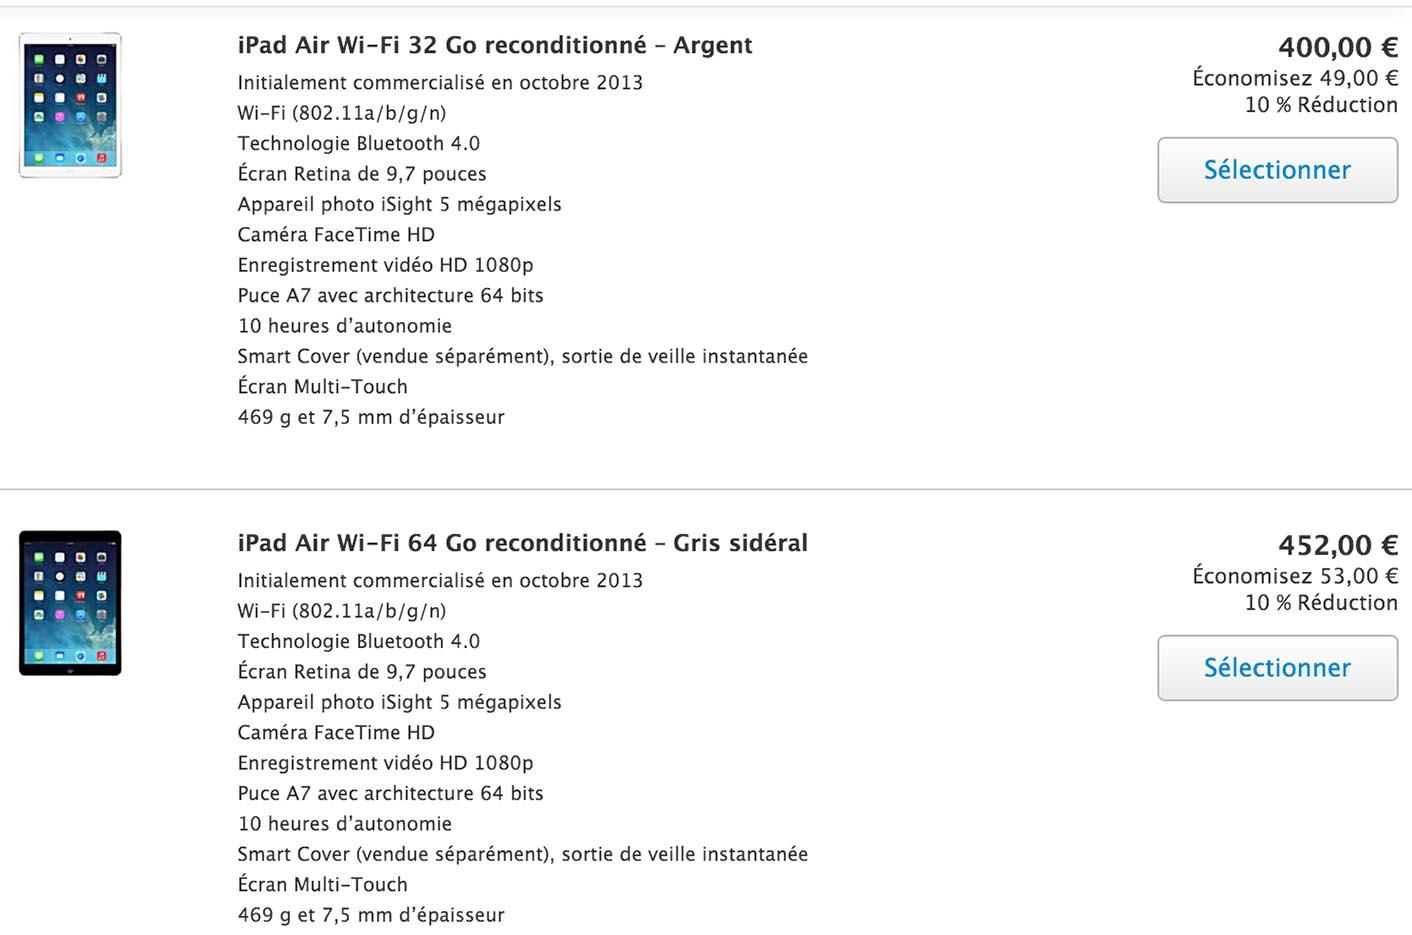 Refurb Store iPad